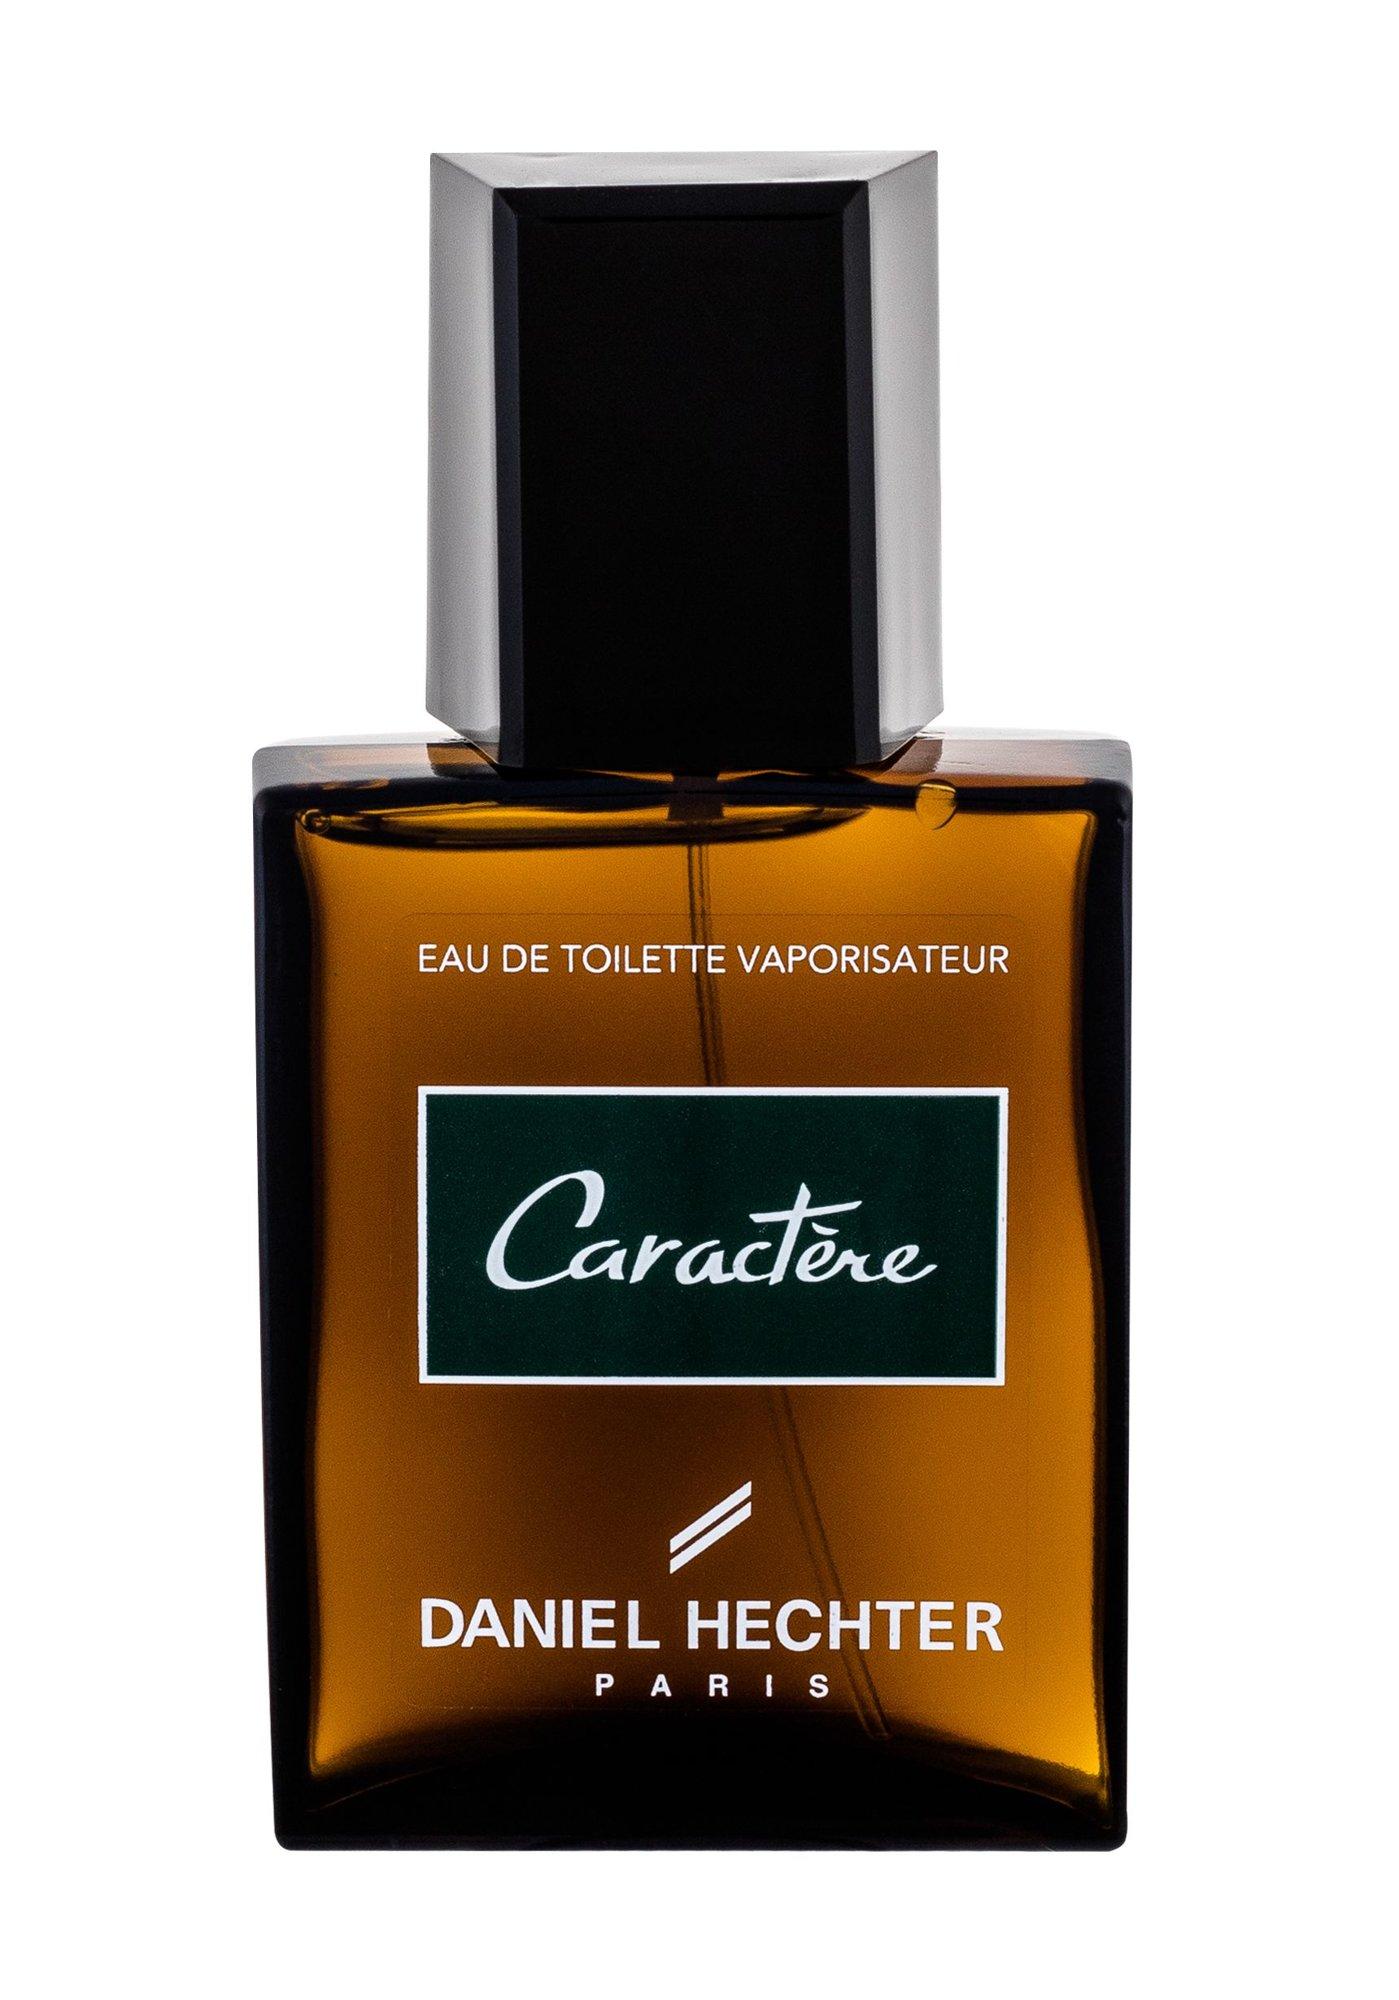 Daniel Hechter Caractere Eau de Toilette 50ml